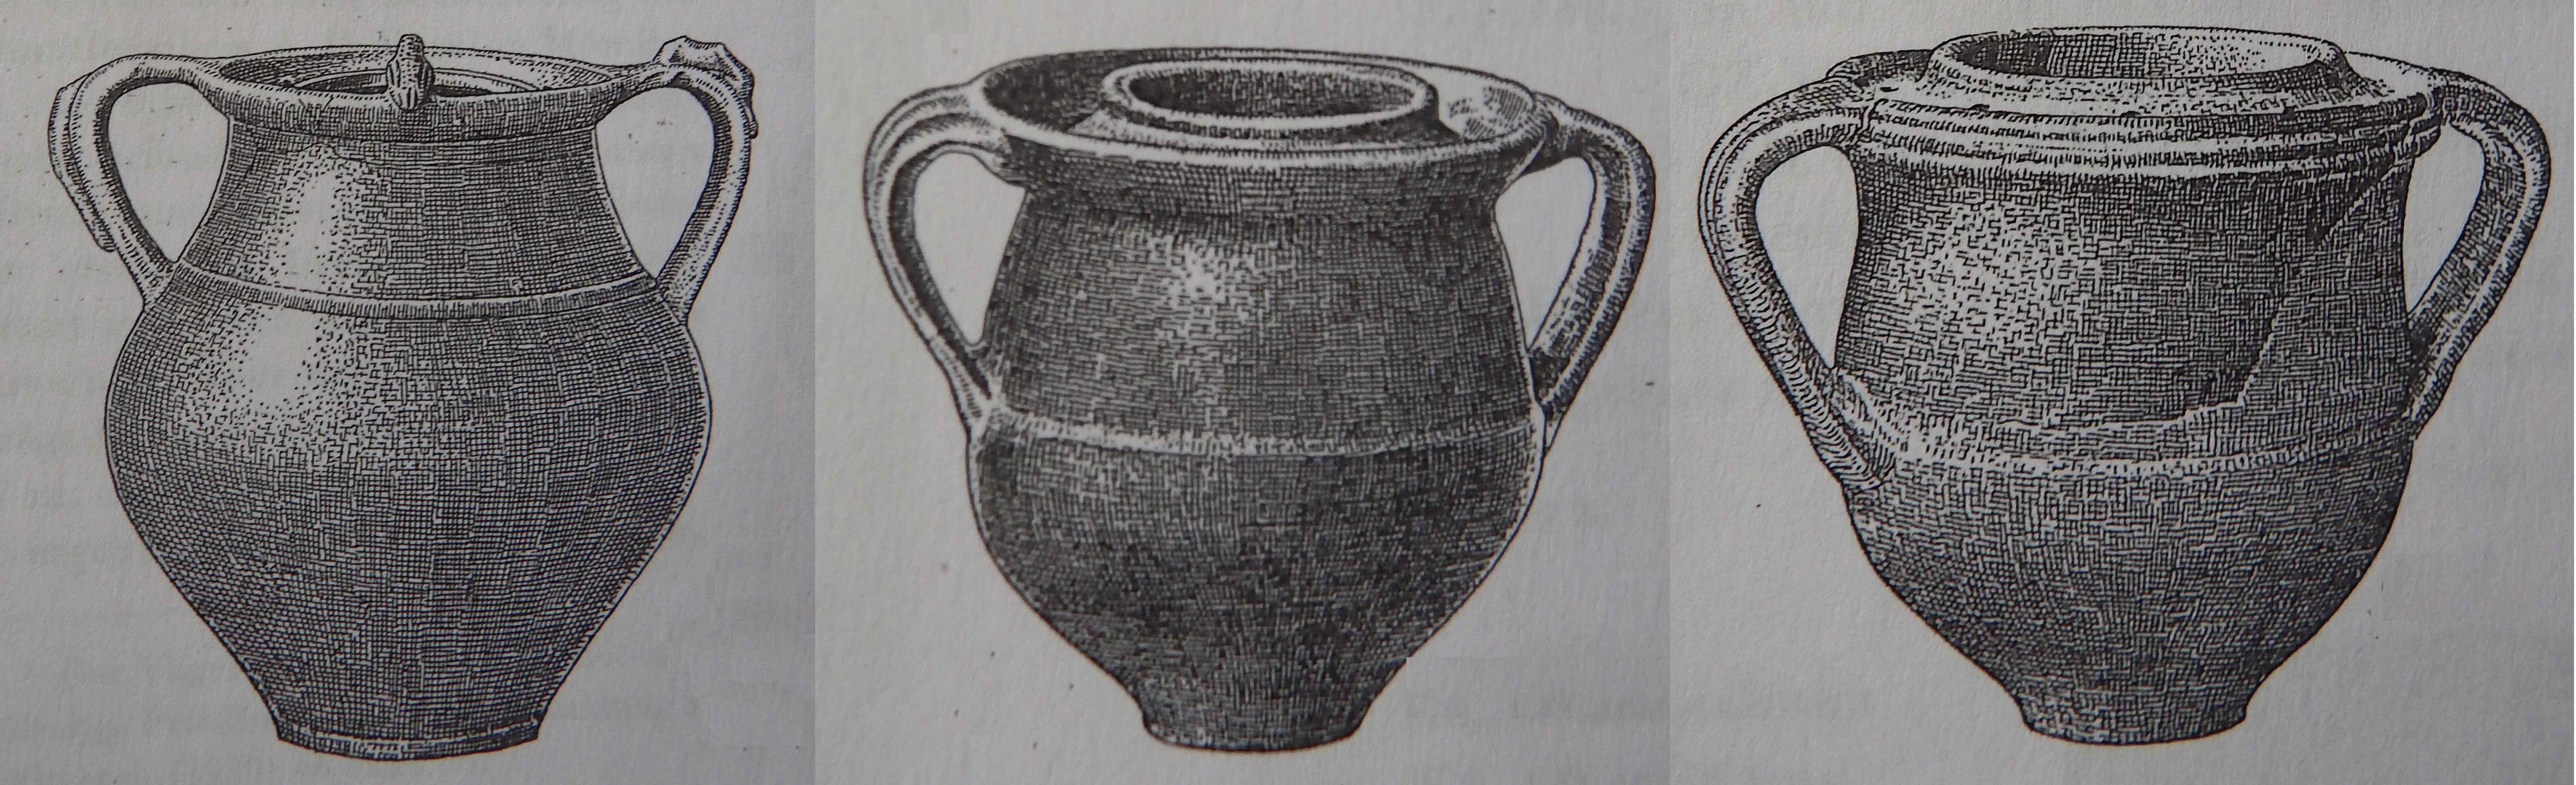 """Vasi """"di culto""""  dagli scavi del sito legionario di Mainzer. Età imperiale romana (da Behrens, 1952, figg. 1-3, p. 112)"""